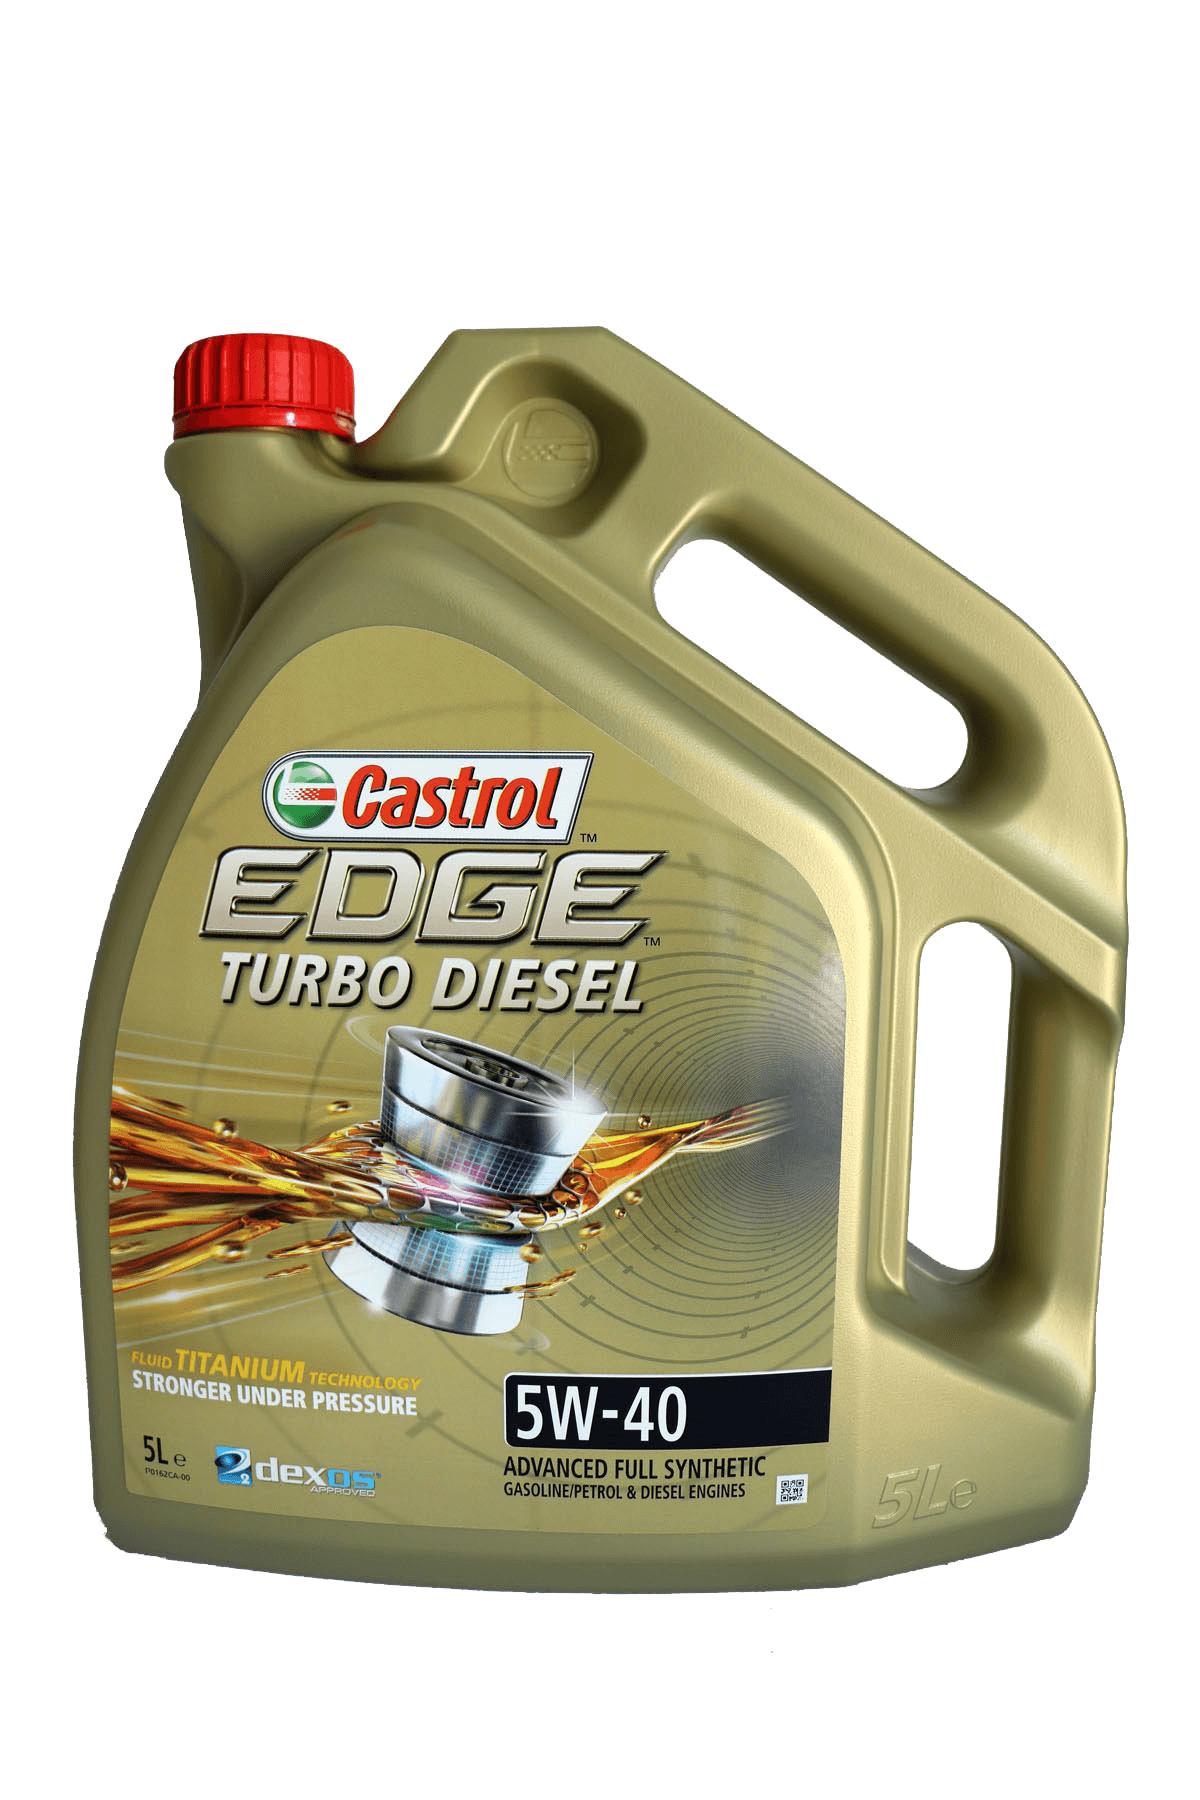 Castrol Edge Turbo Diesel 5W-40 Motoröl, 5l